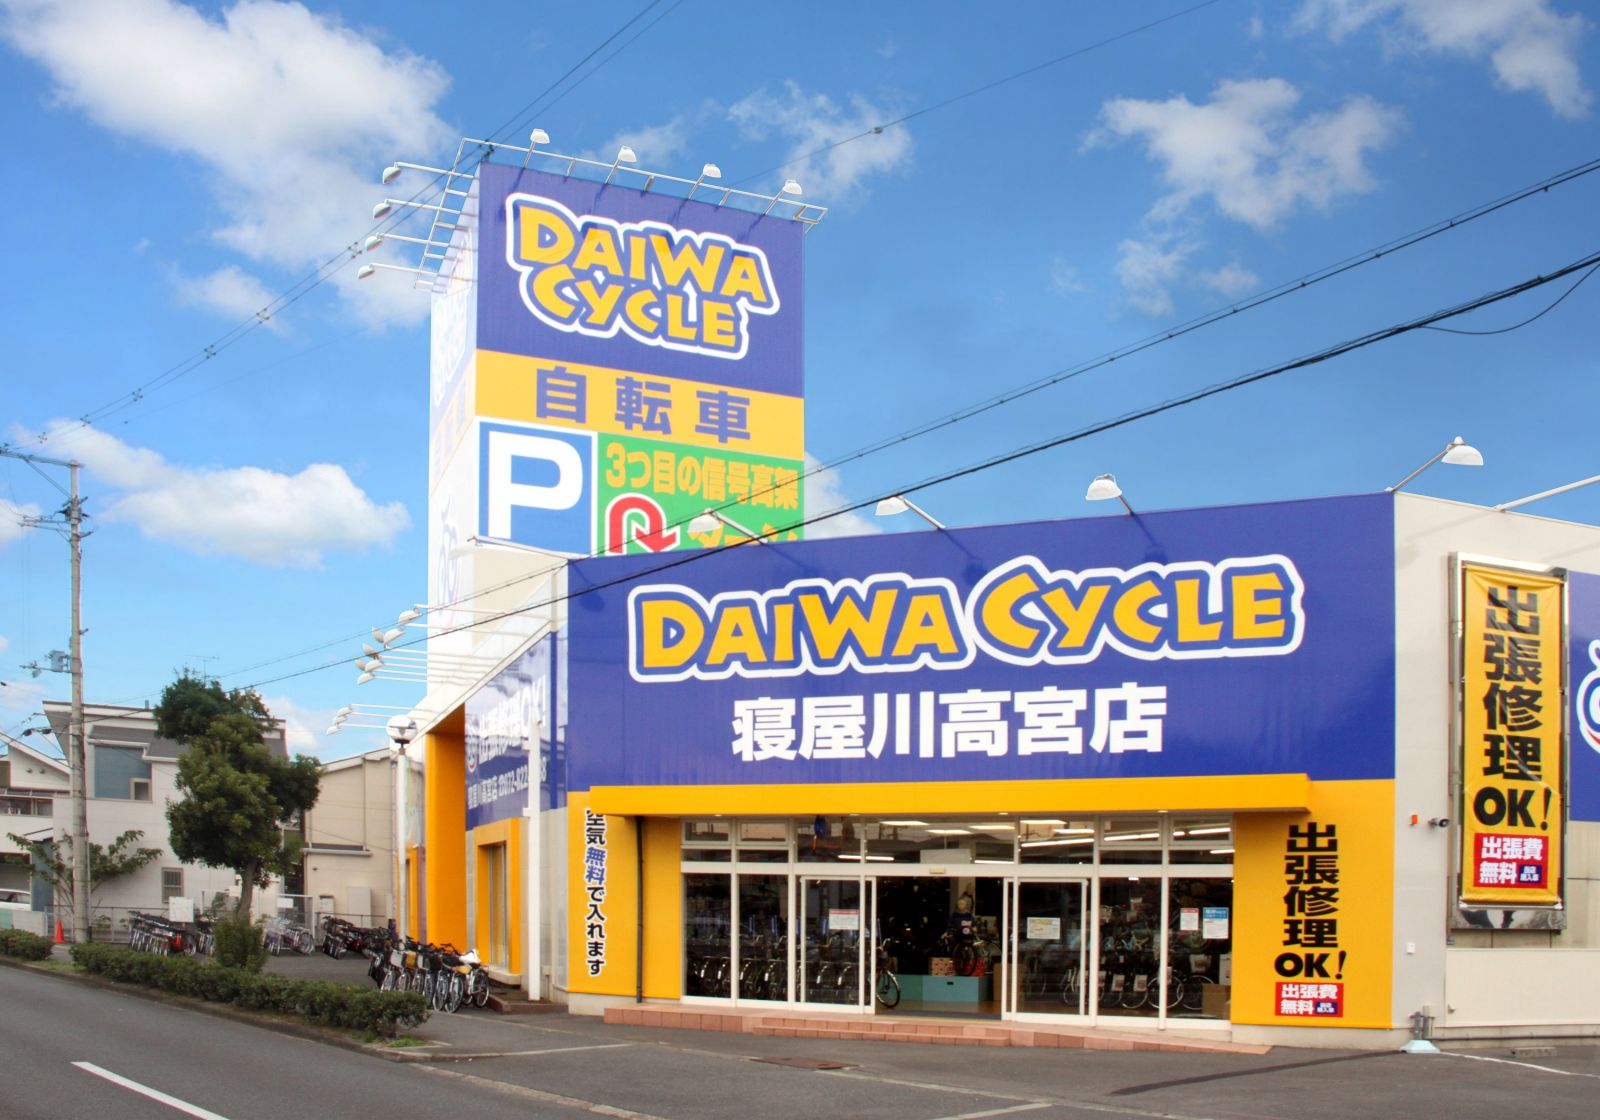 【入門】Holiday Cycling〈ダイワサイクル寝屋川高宮店〉申込受付中